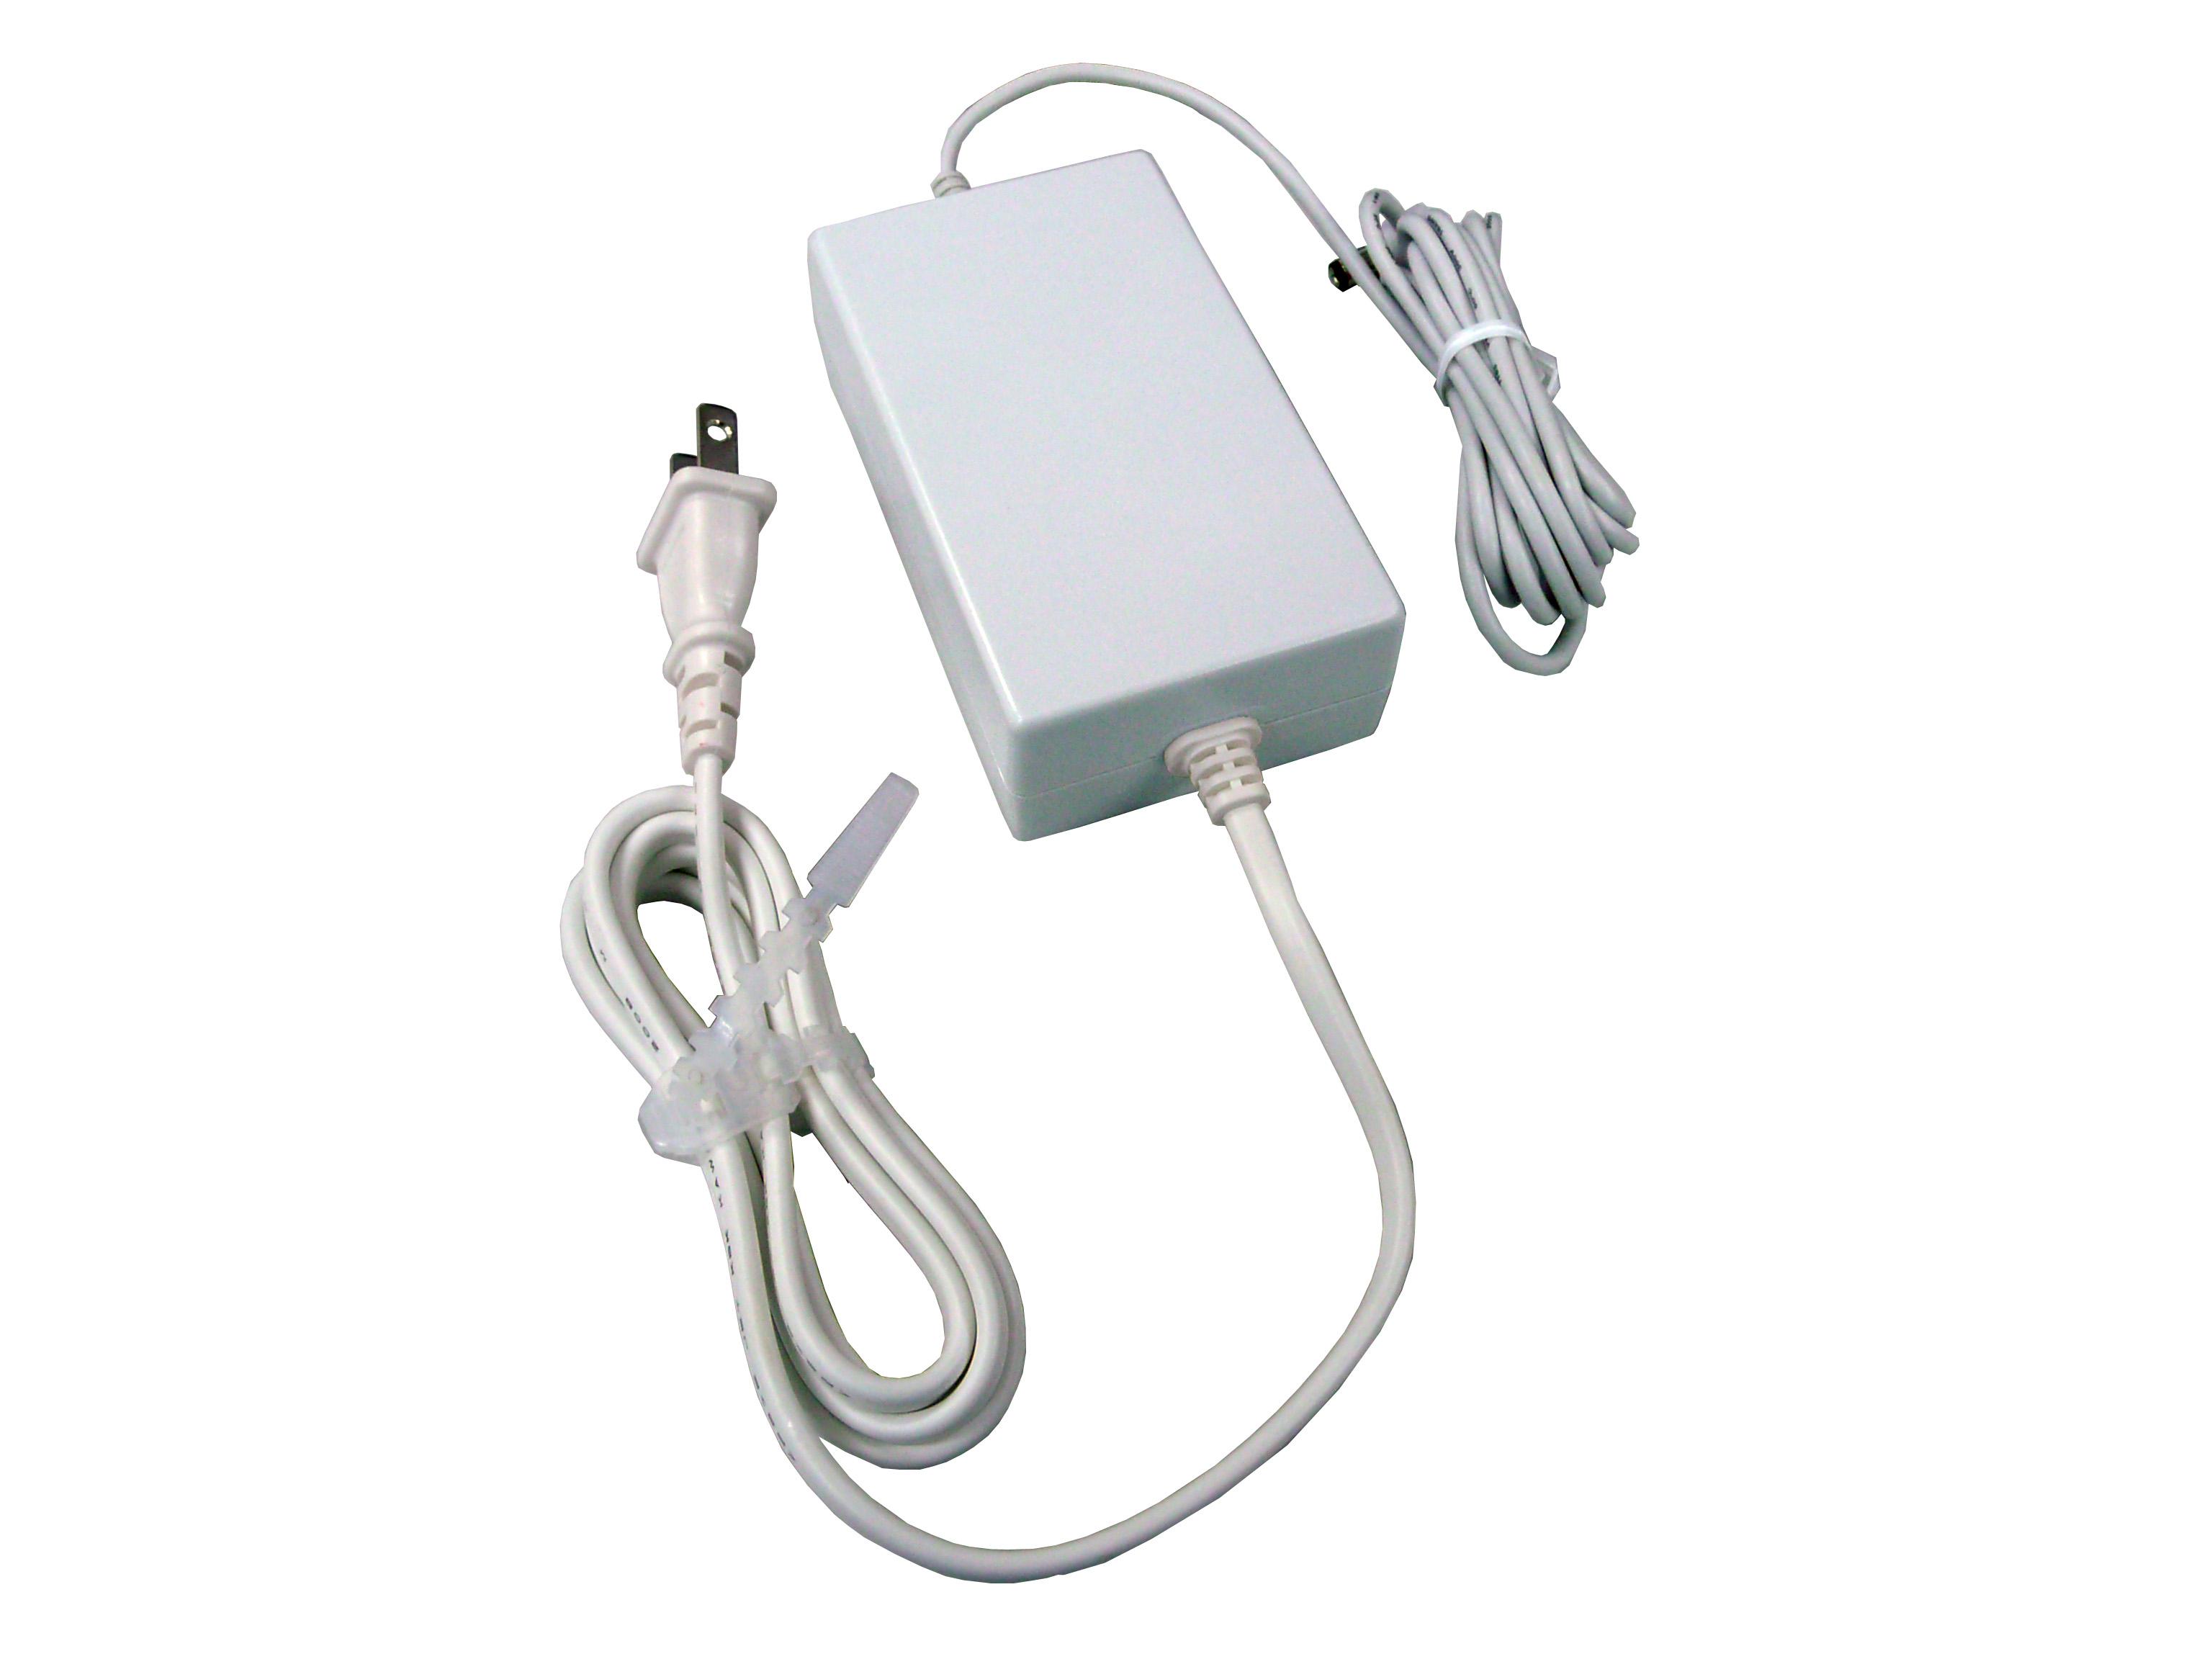 KSW25C 容量25W 入力電圧100V コードtoコード